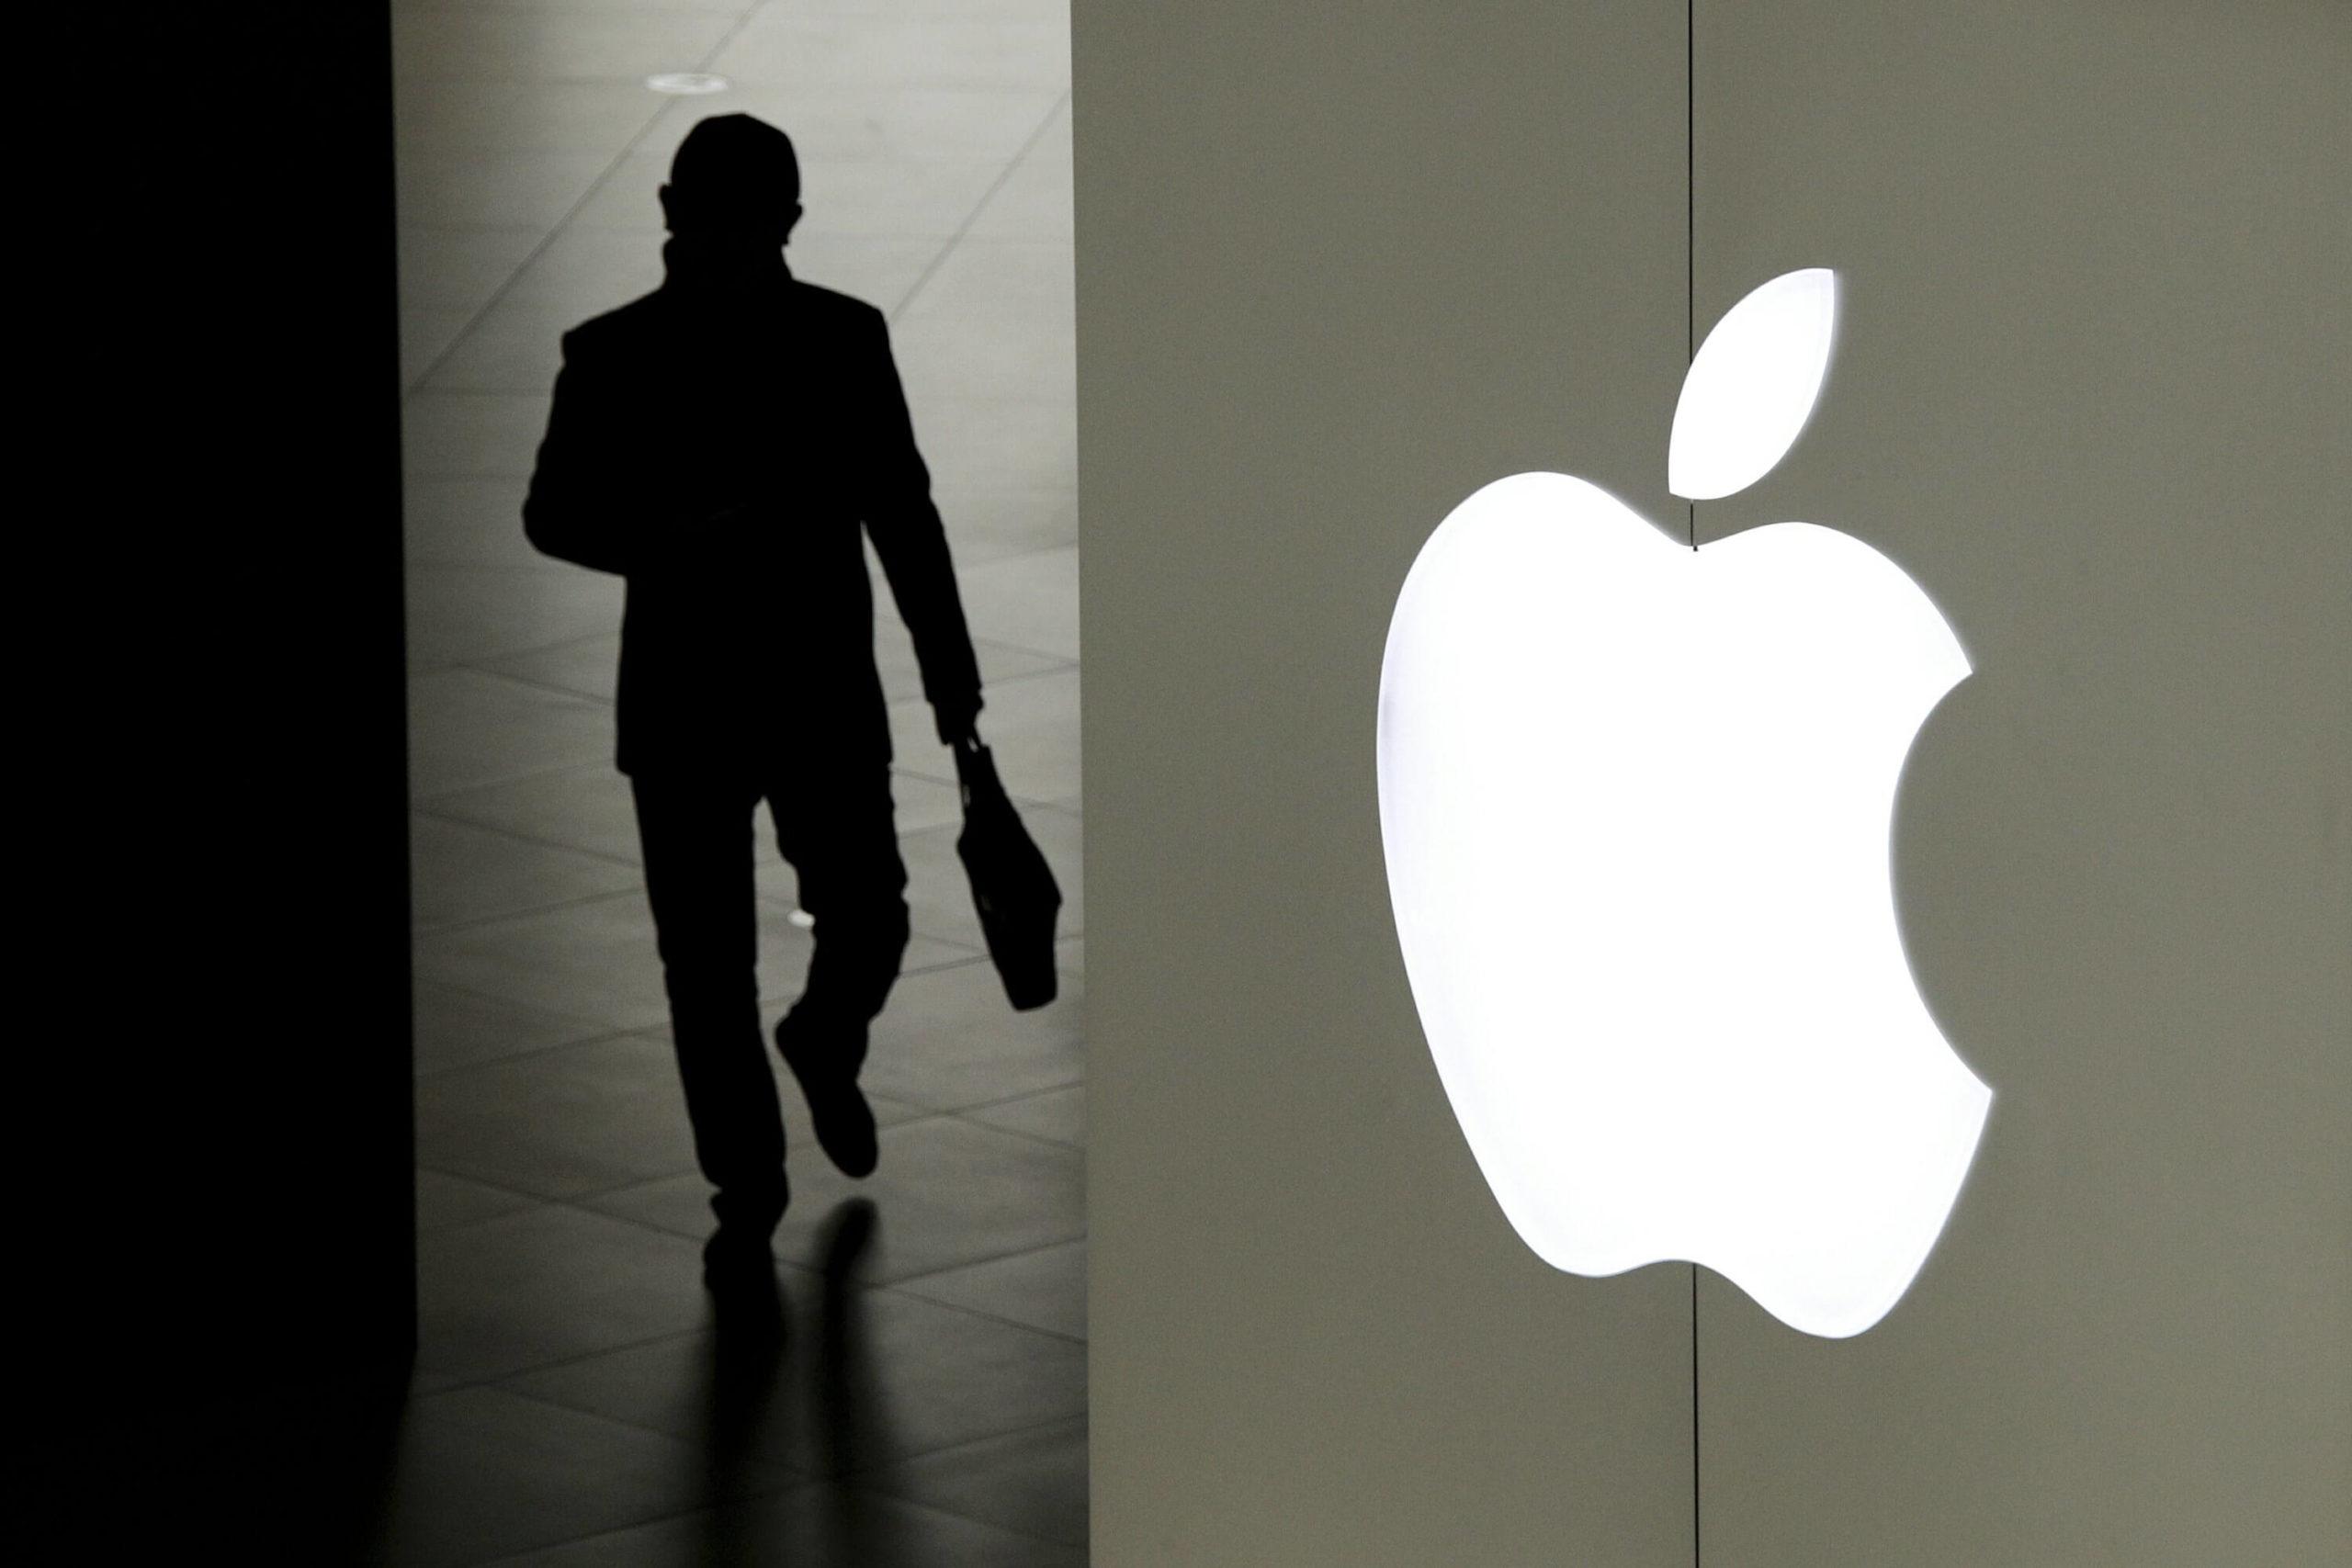 В Apple подтвердили слежку за пользователями